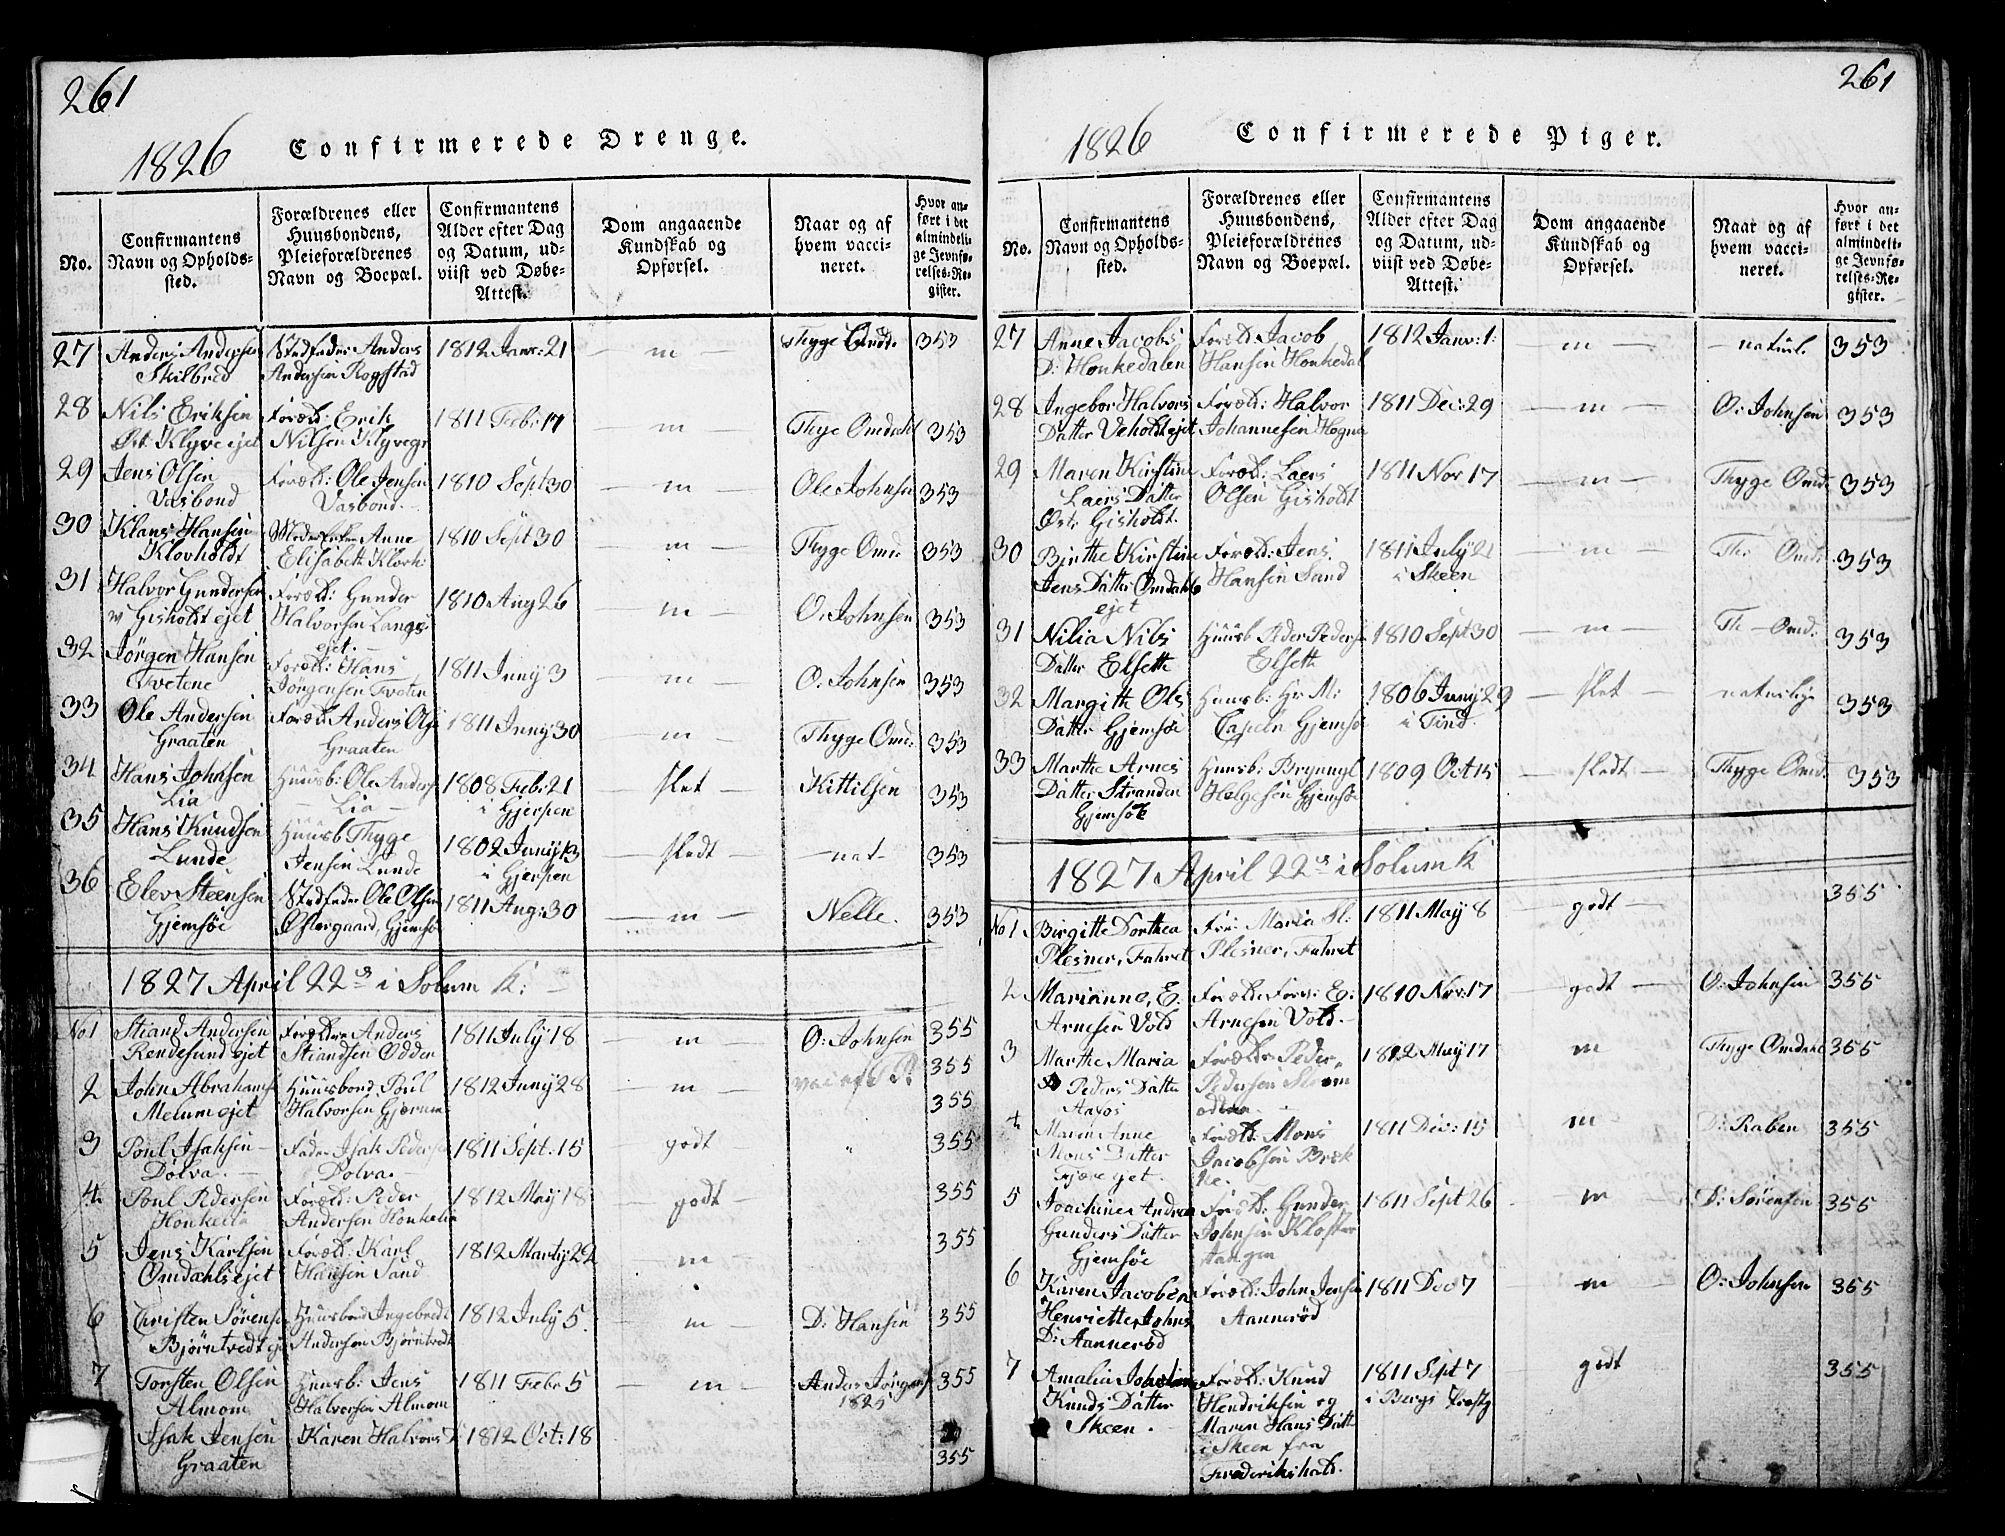 SAKO, Solum kirkebøker, G/Ga/L0001: Klokkerbok nr. I 1, 1814-1833, s. 261